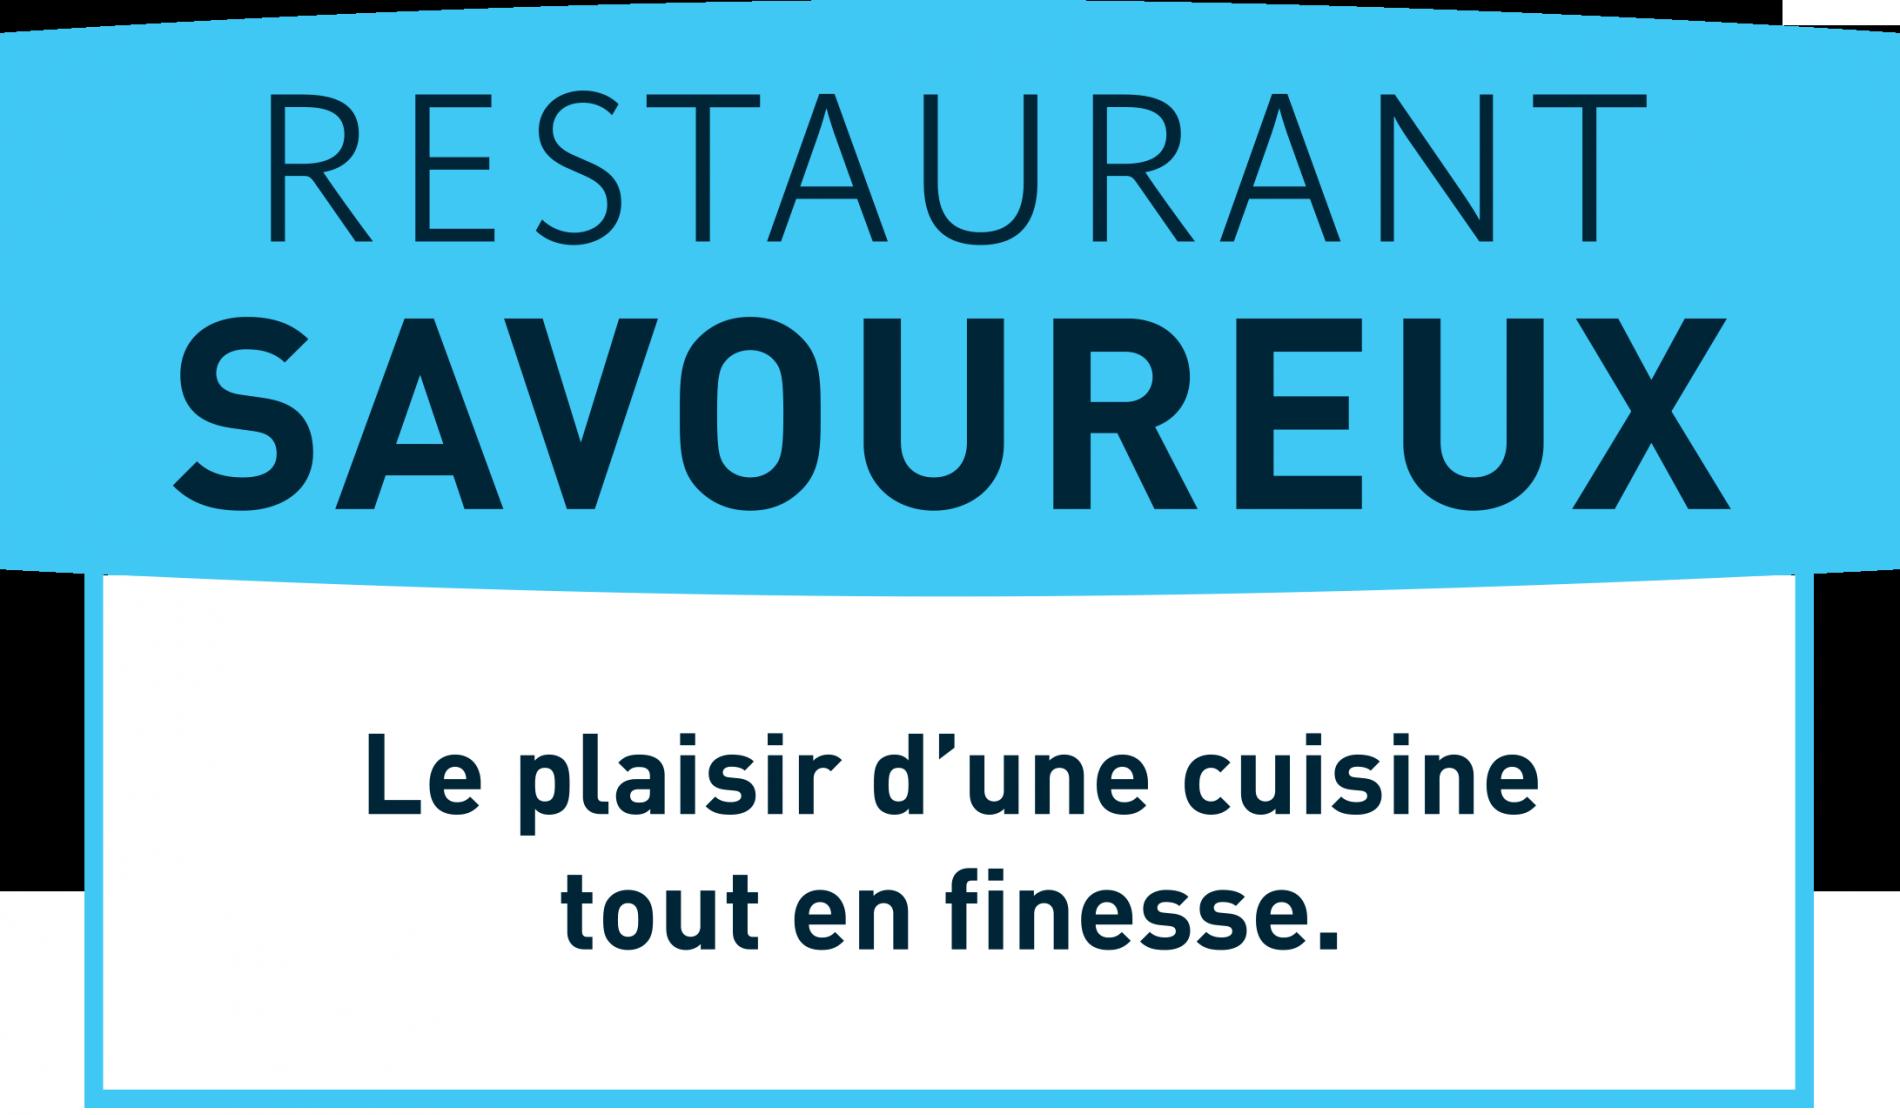 Logis Restaurant Savoureux à Chateaubourg Ar milin